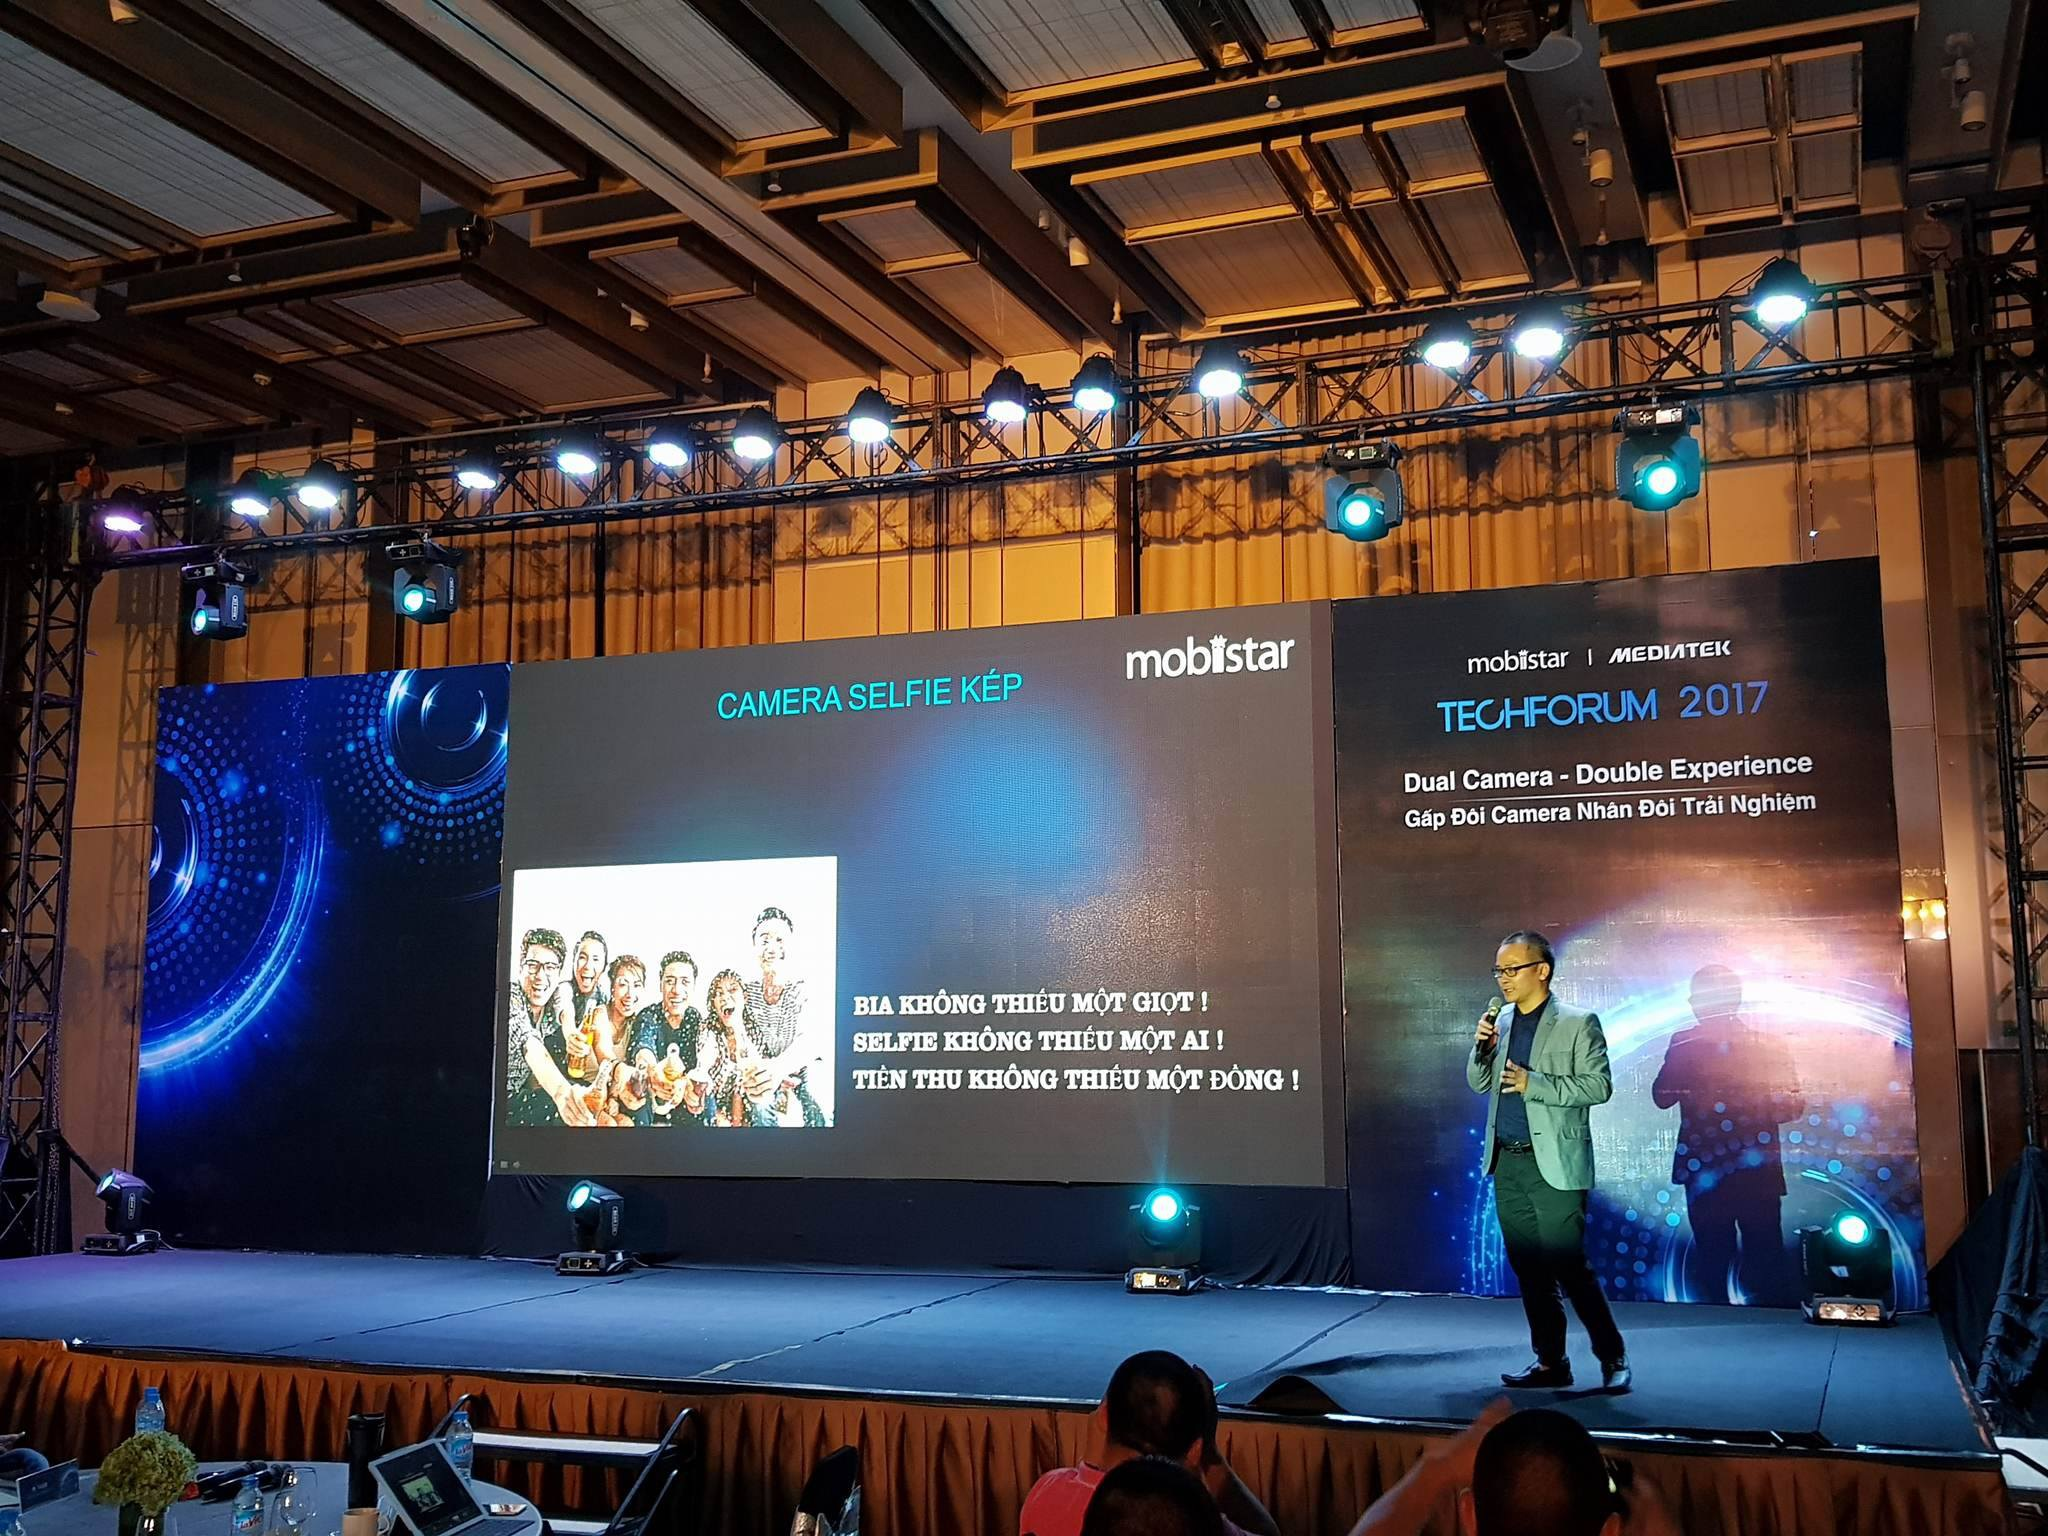 Mobiistar tung smartphone 4 camera đầu tiên tại Việt Nam - 1